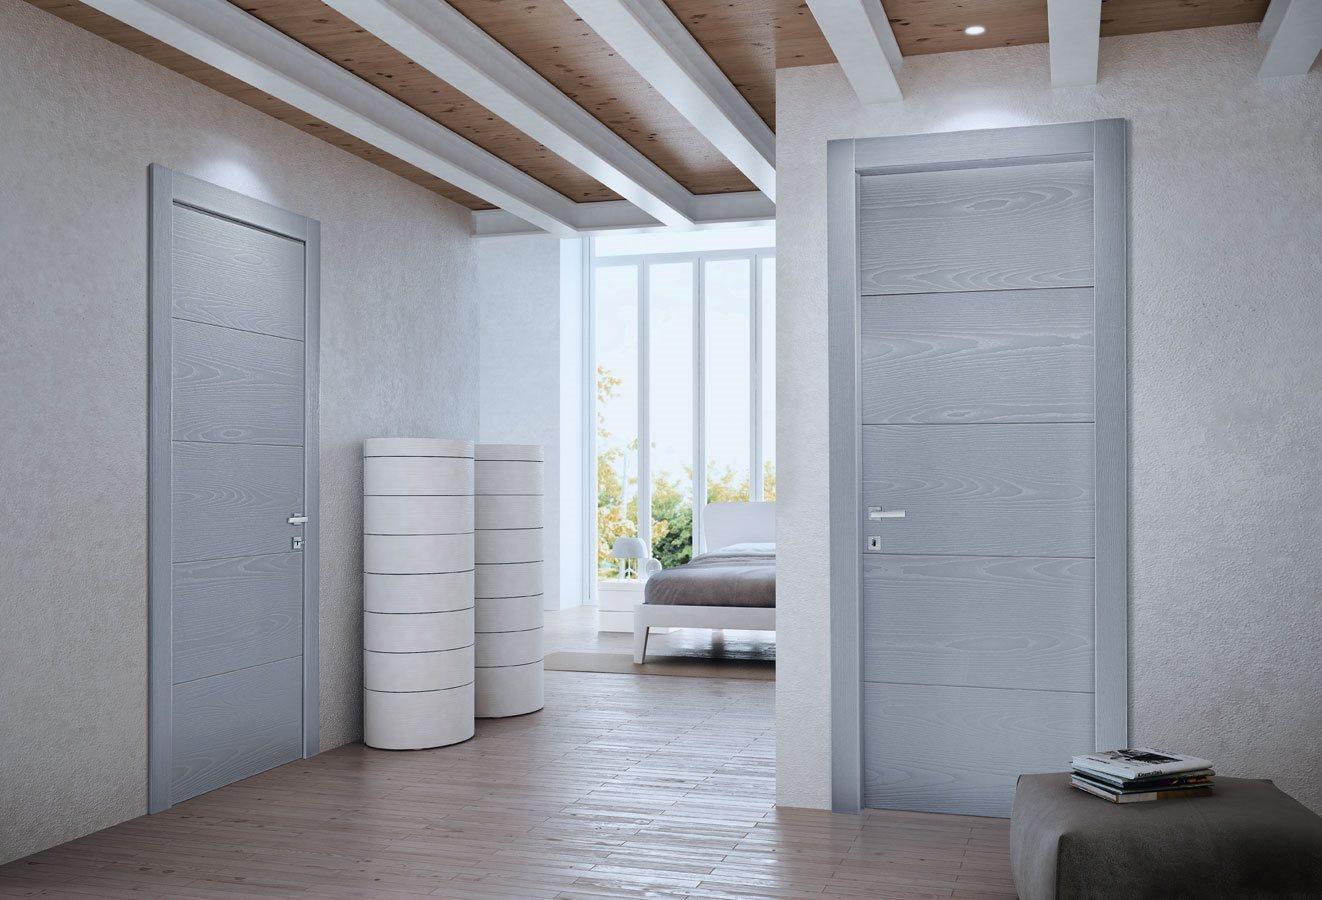 Altainfissi srl porte interne in legno a reggio emilia e for Porte e porte